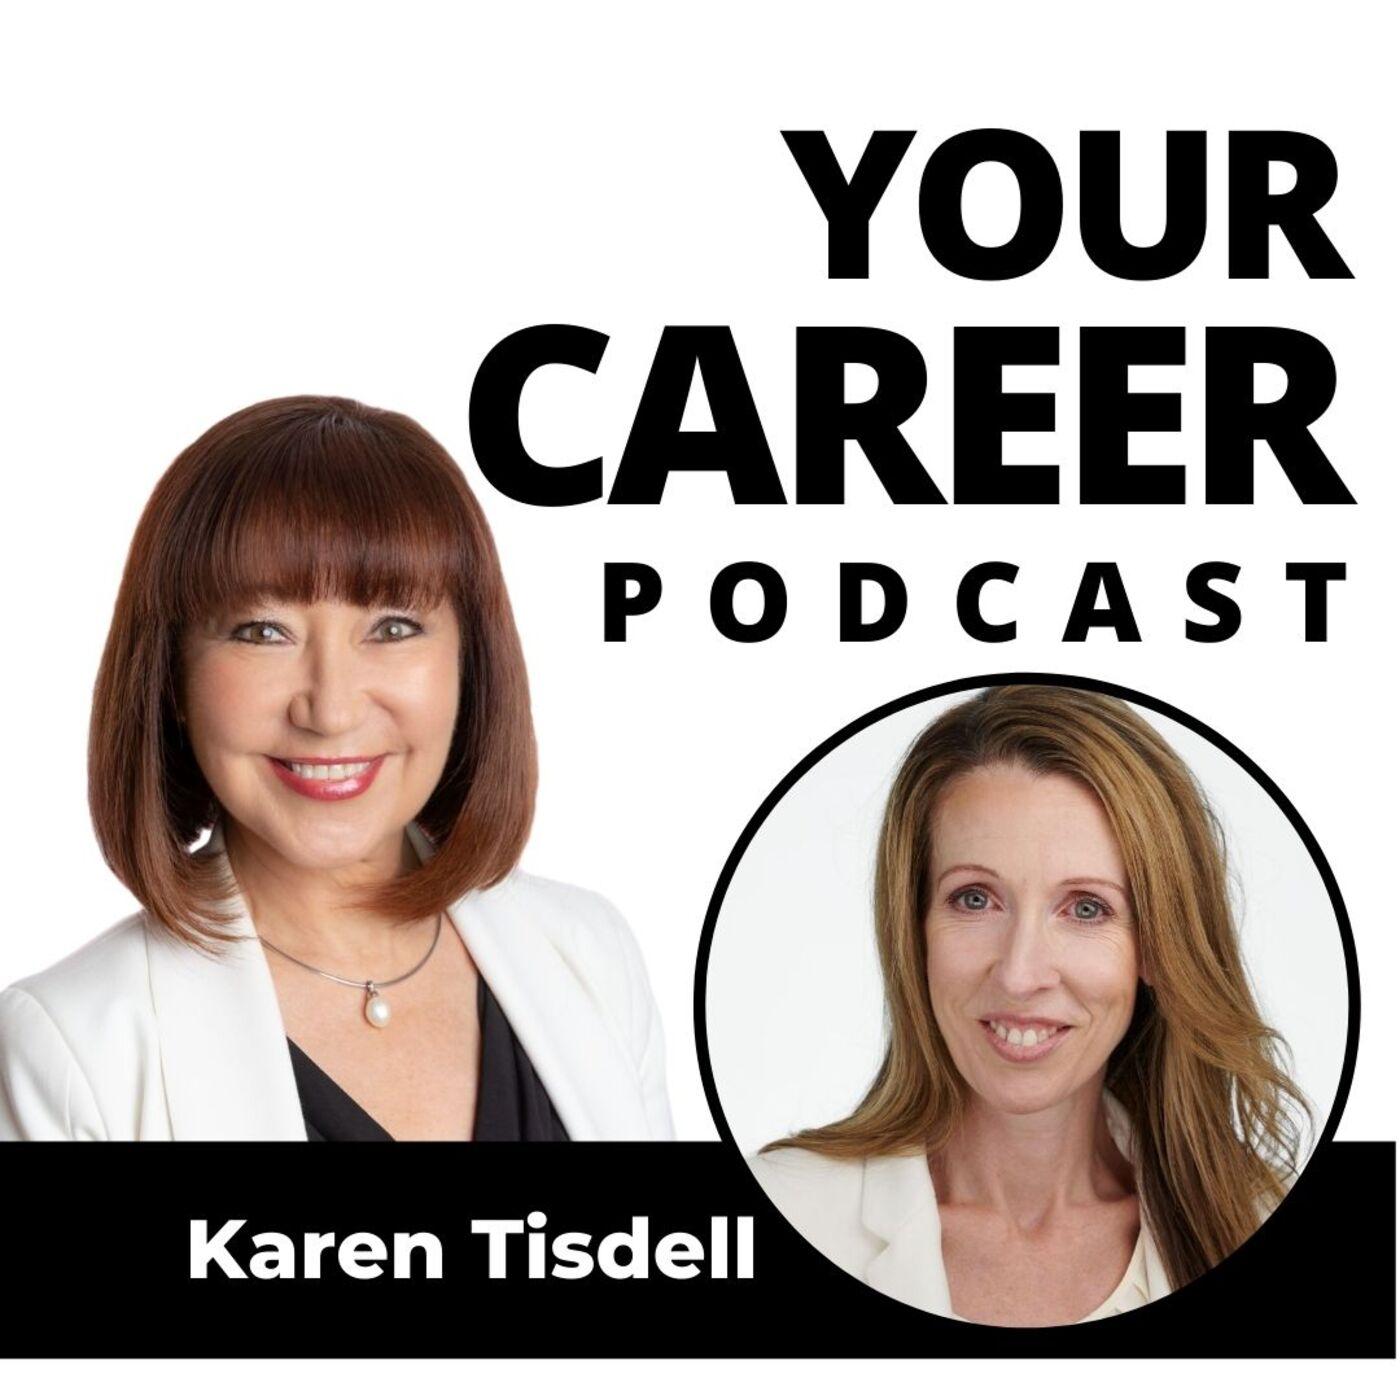 Karen Tisdell - LinkedIn Trainer - Episode 198